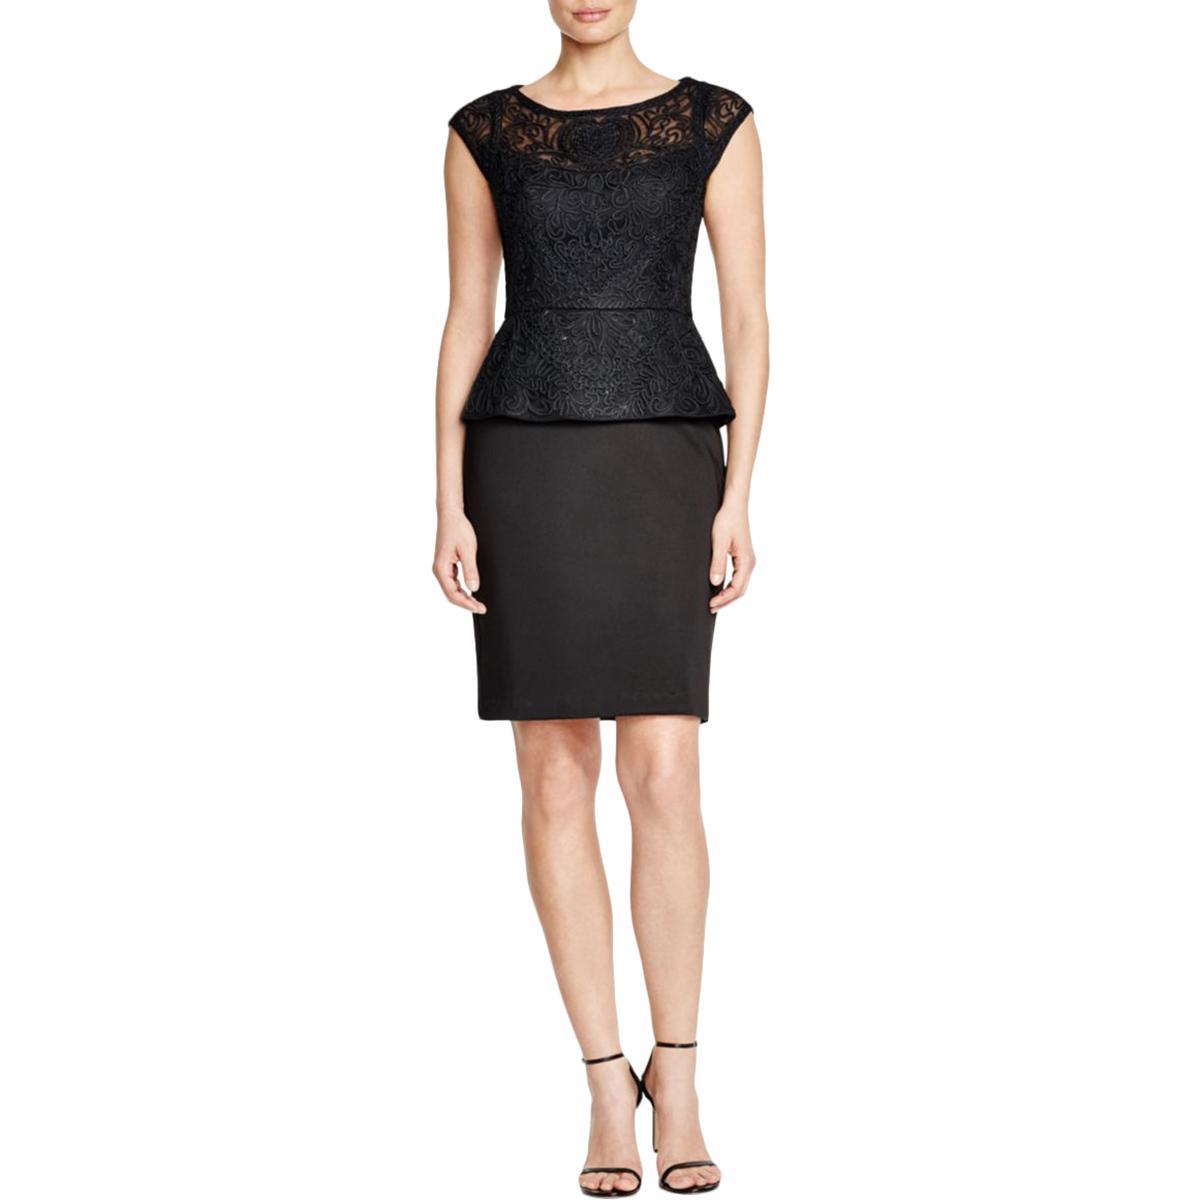 89c9dda9e07 Details about Sue Wong Womens Black Peplum Lace Bateau Neck Cocktail Dress  6 BHFO 5140